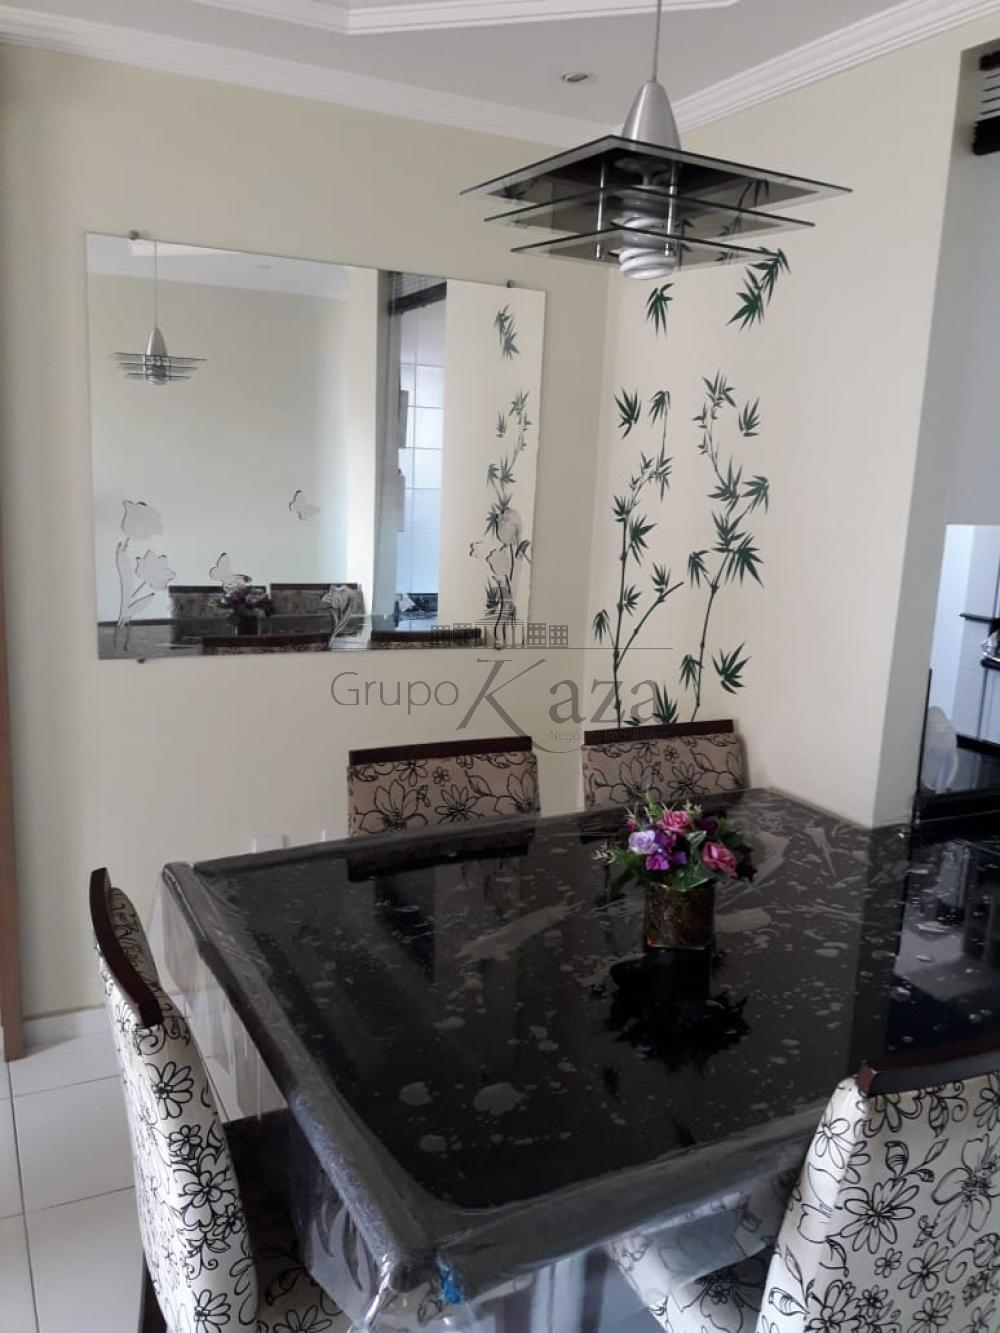 alt='Comprar Apartamento / Padrão em São José dos Campos R$ 435.000,00 - Foto 2' title='Comprar Apartamento / Padrão em São José dos Campos R$ 435.000,00 - Foto 2'